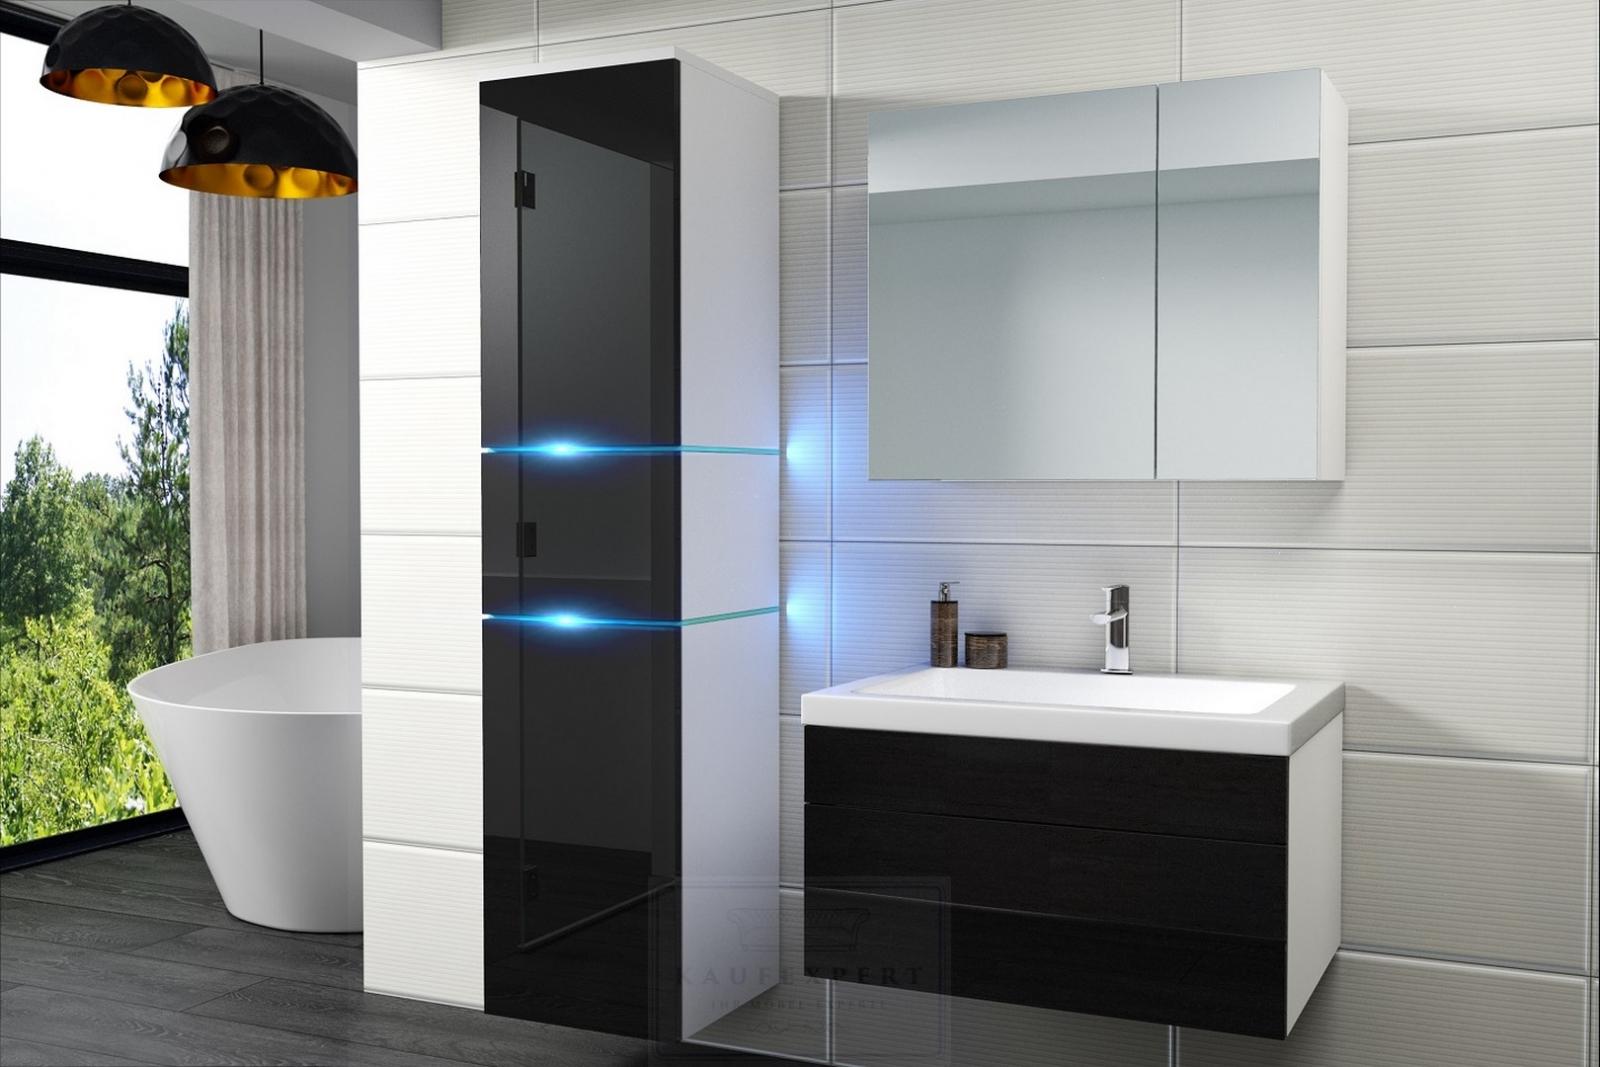 kaufexpert - badmöbel-set ledox 170 cm schwarz hochglanz/weiß